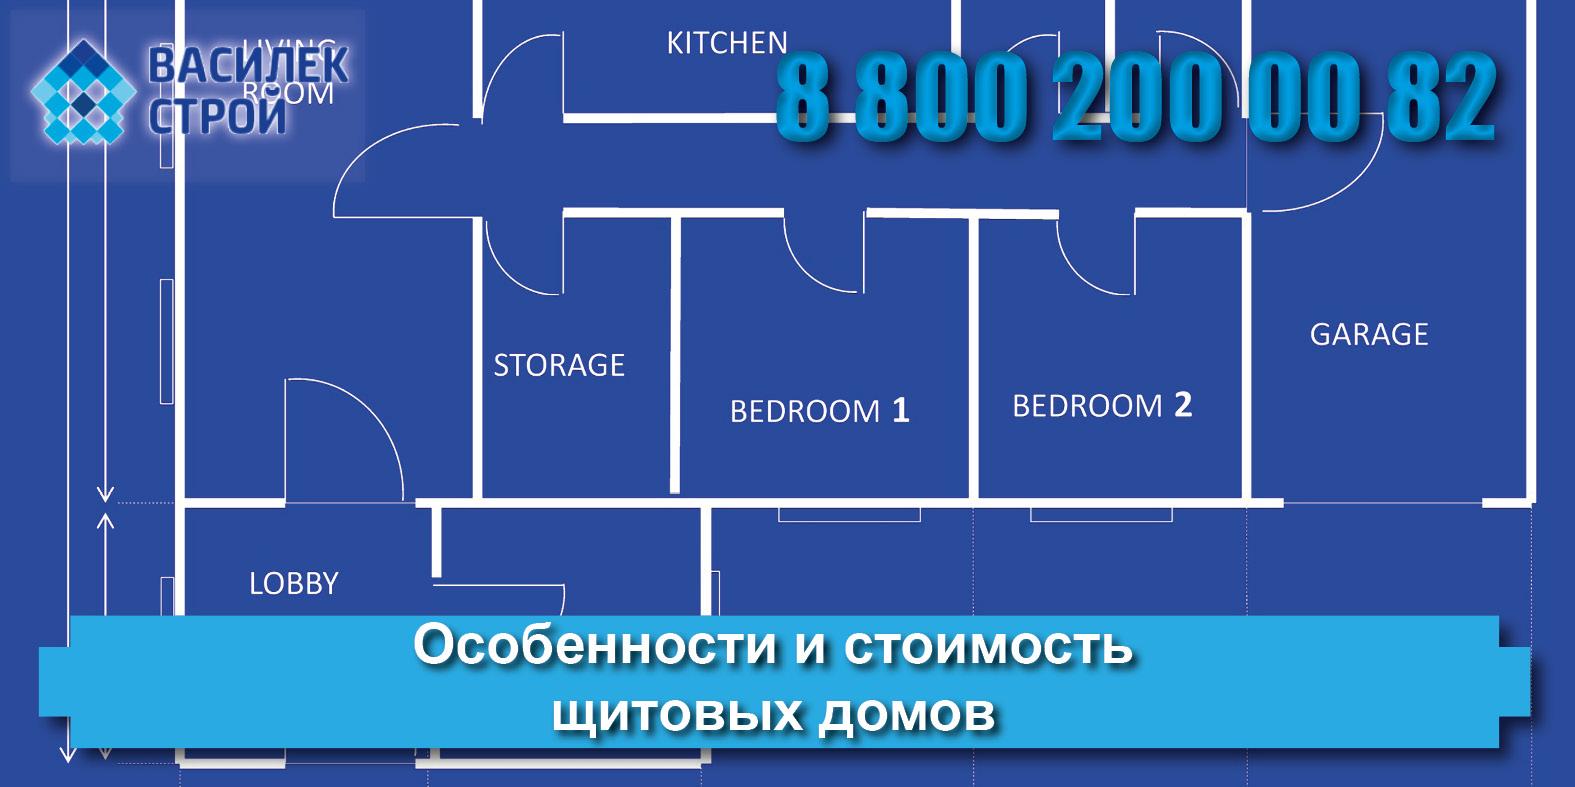 Как построить недорогие дачные дома из бруса используя типовые готовые проекты дачных щитовых домов: современные технологии строительства